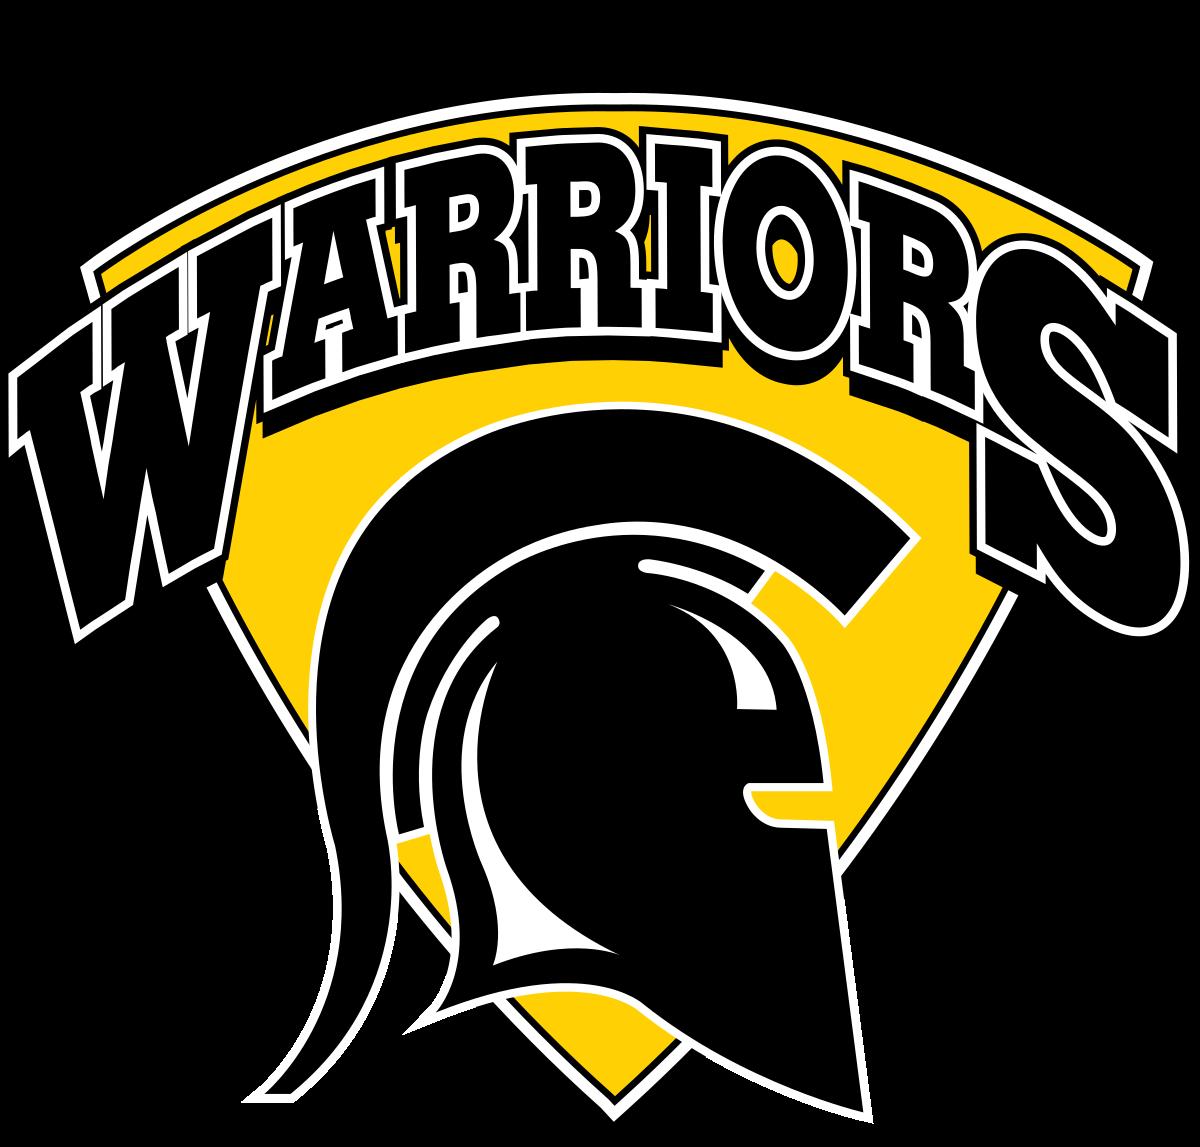 Waterloo Warriors.